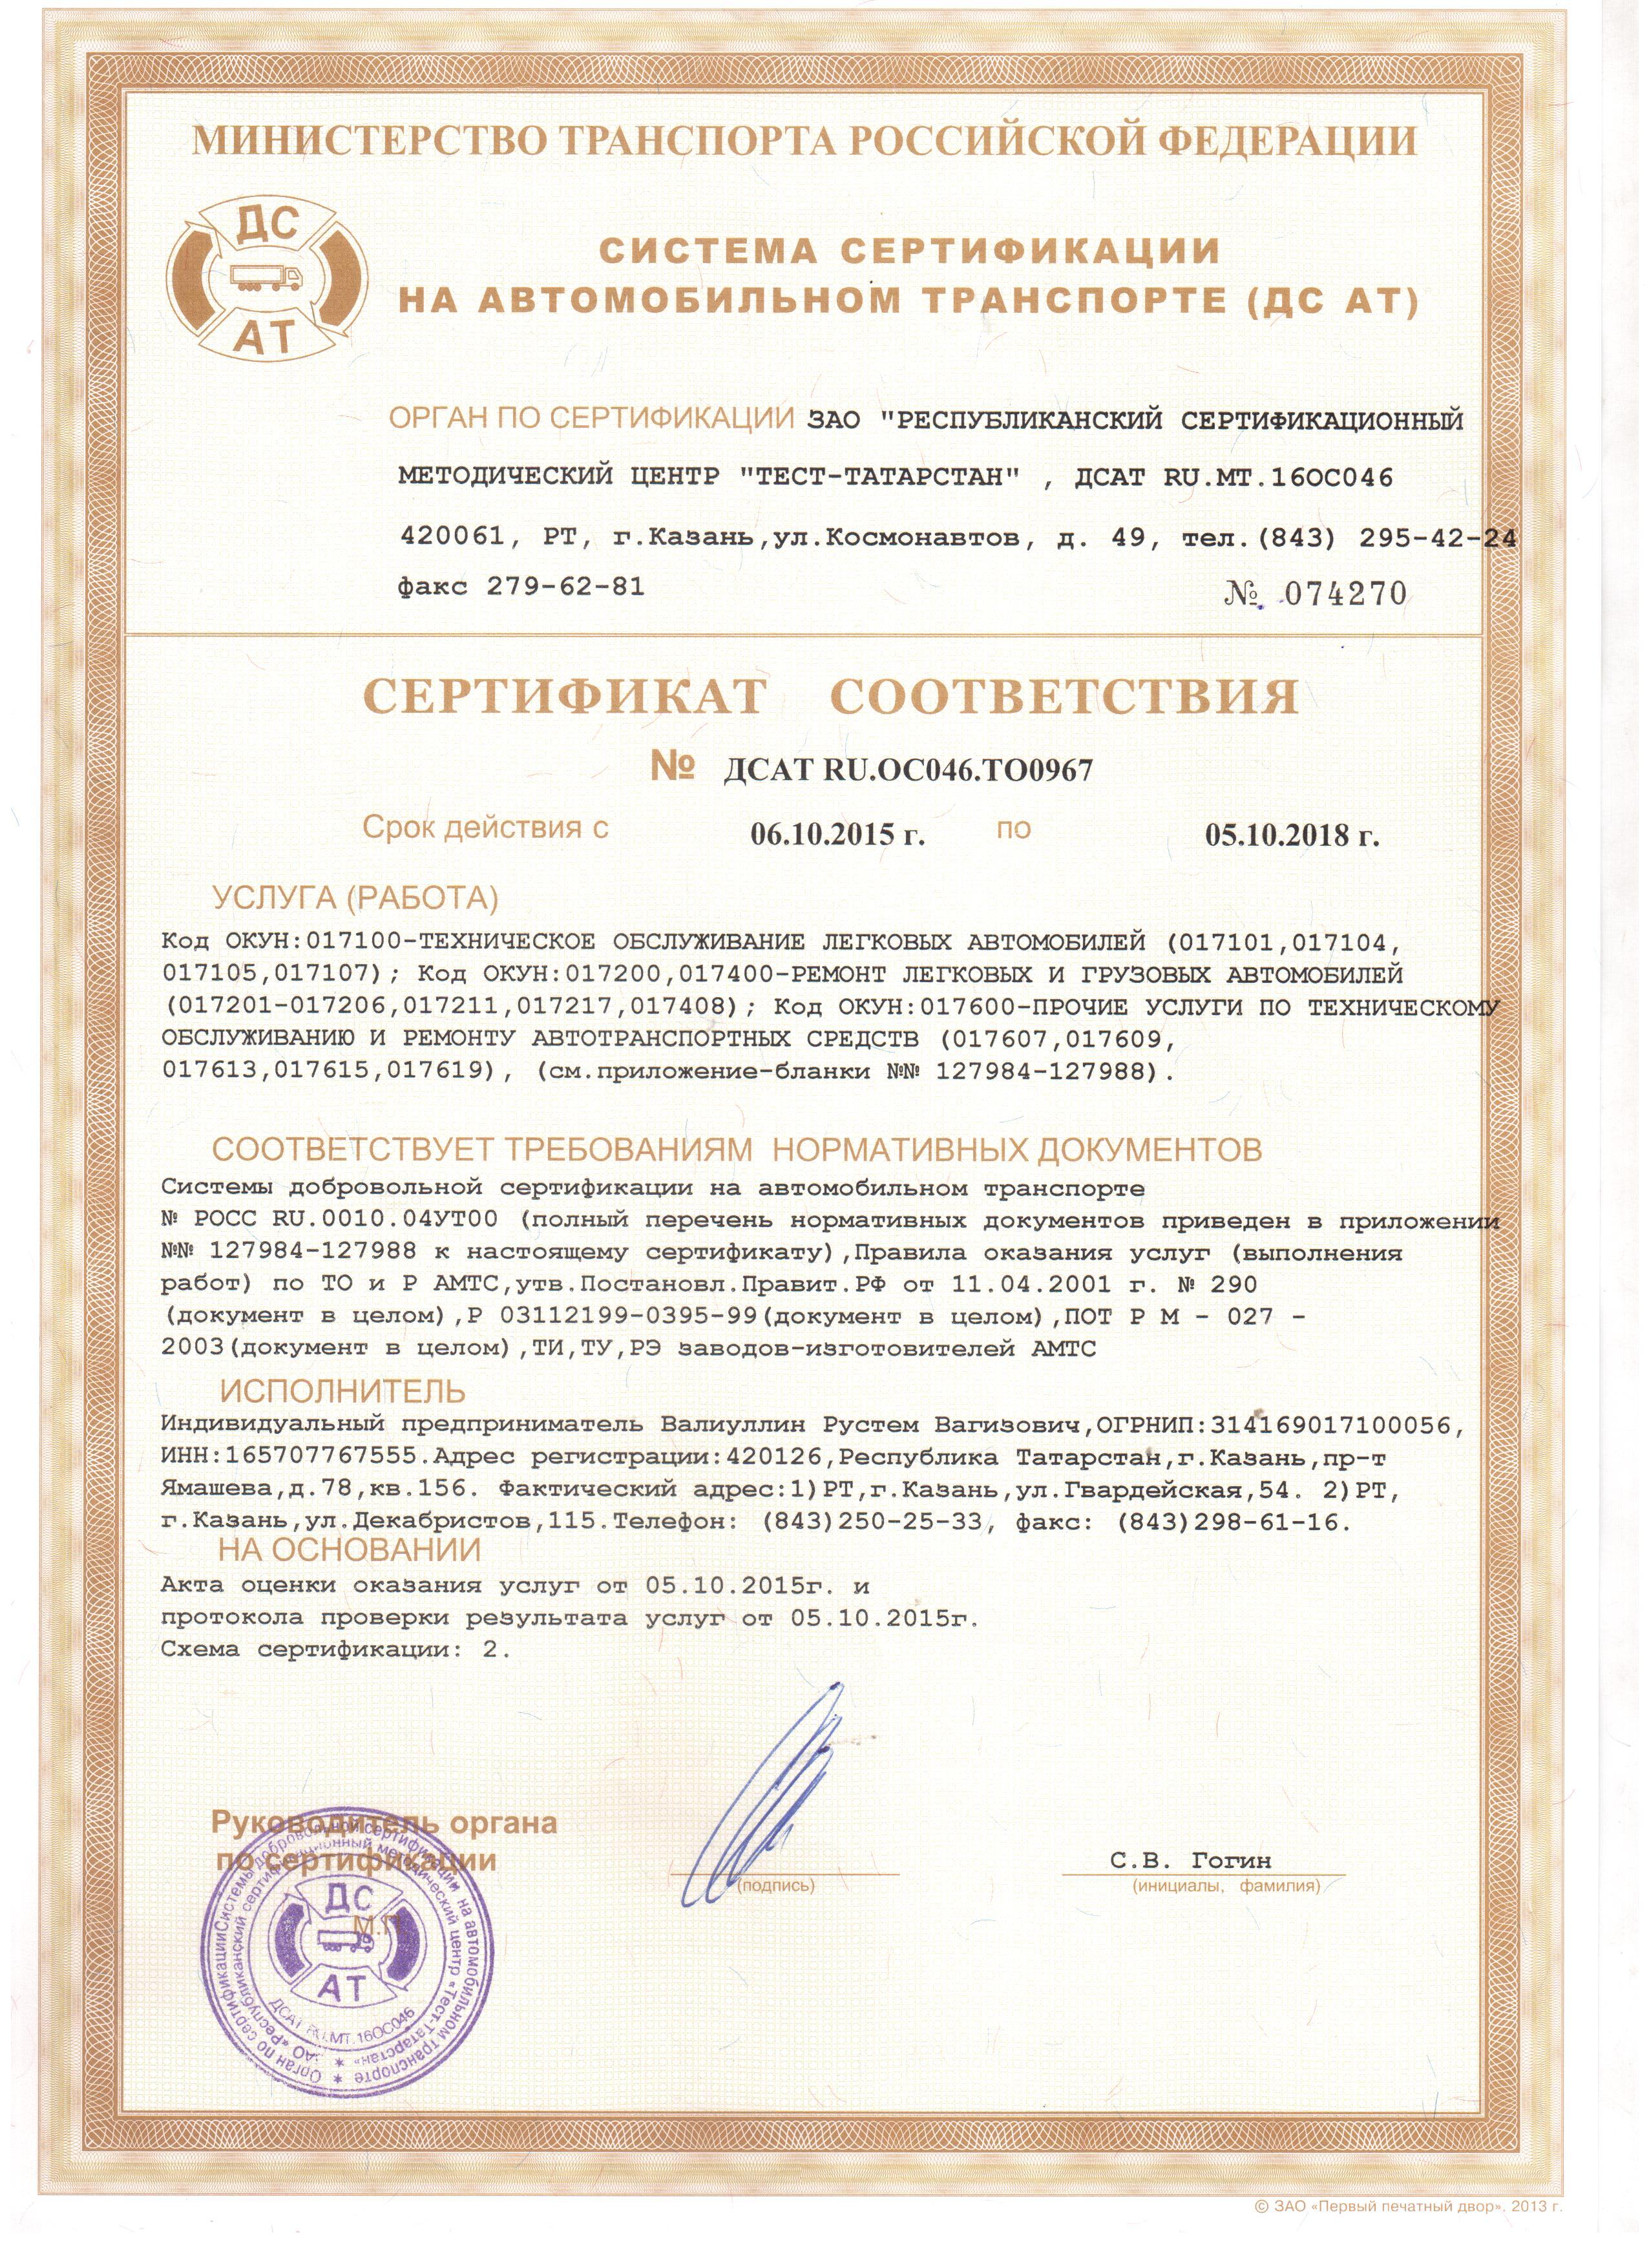 Сертификат автосервиса образец изменился: каменная